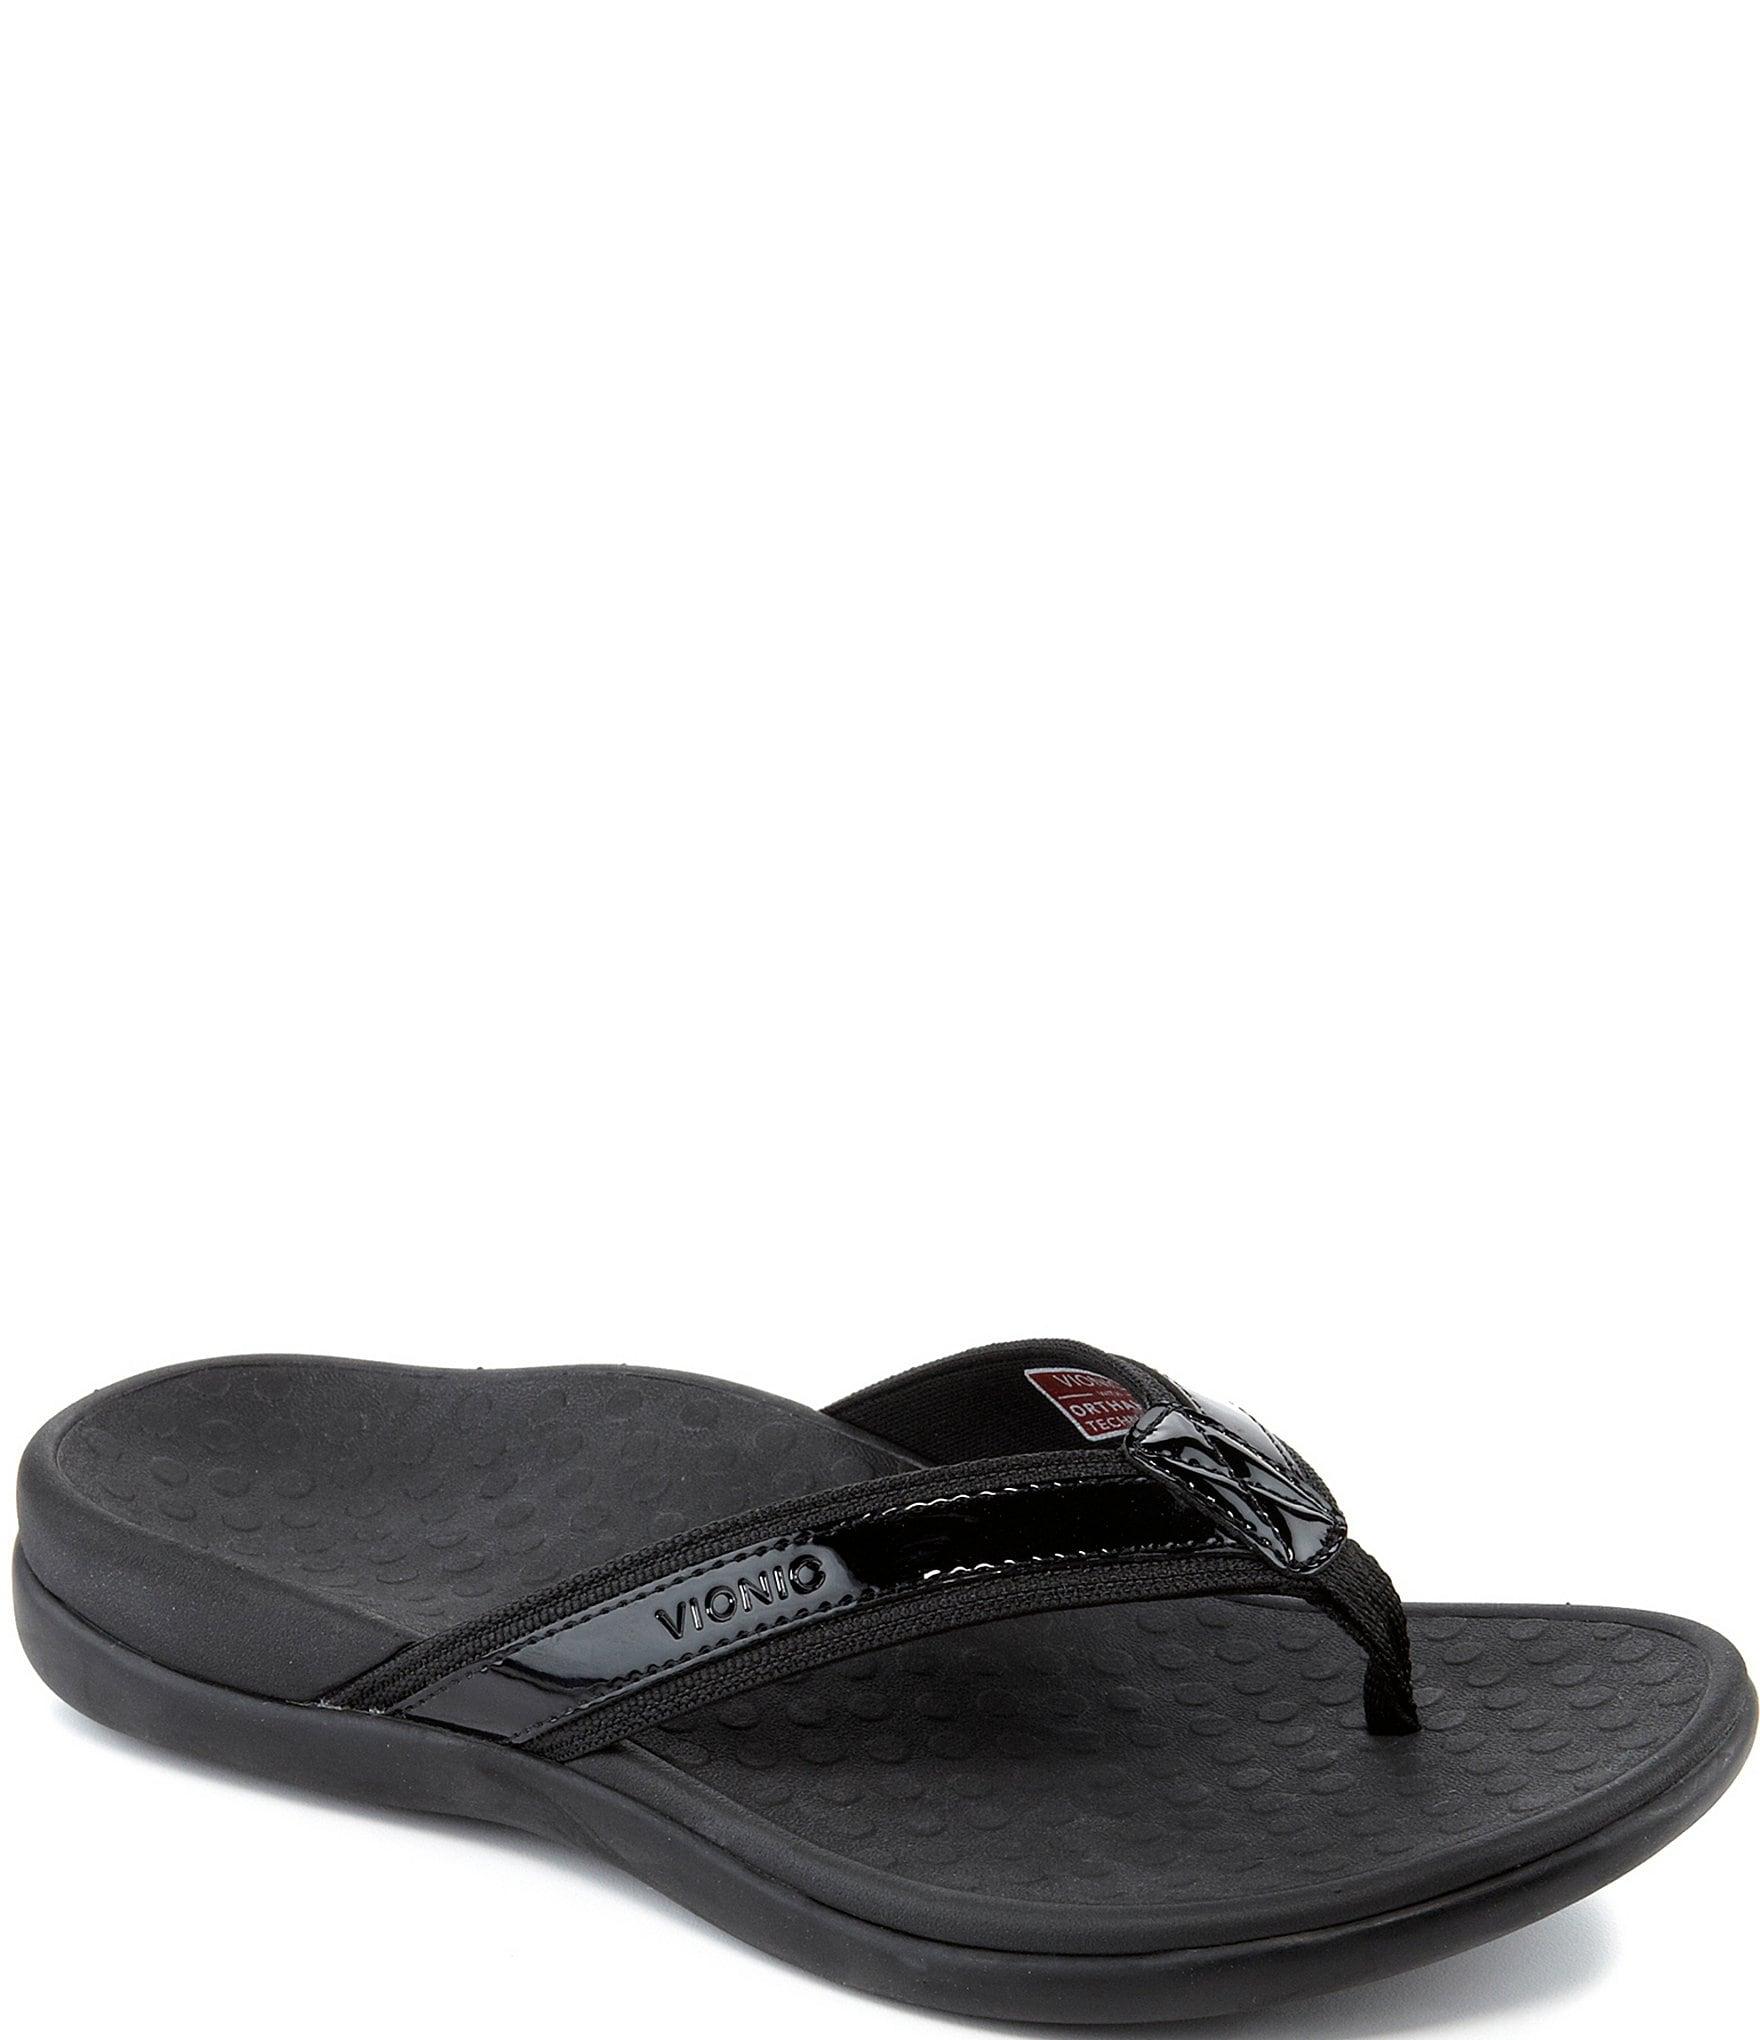 Womens Flip Flop Sandals Dillards